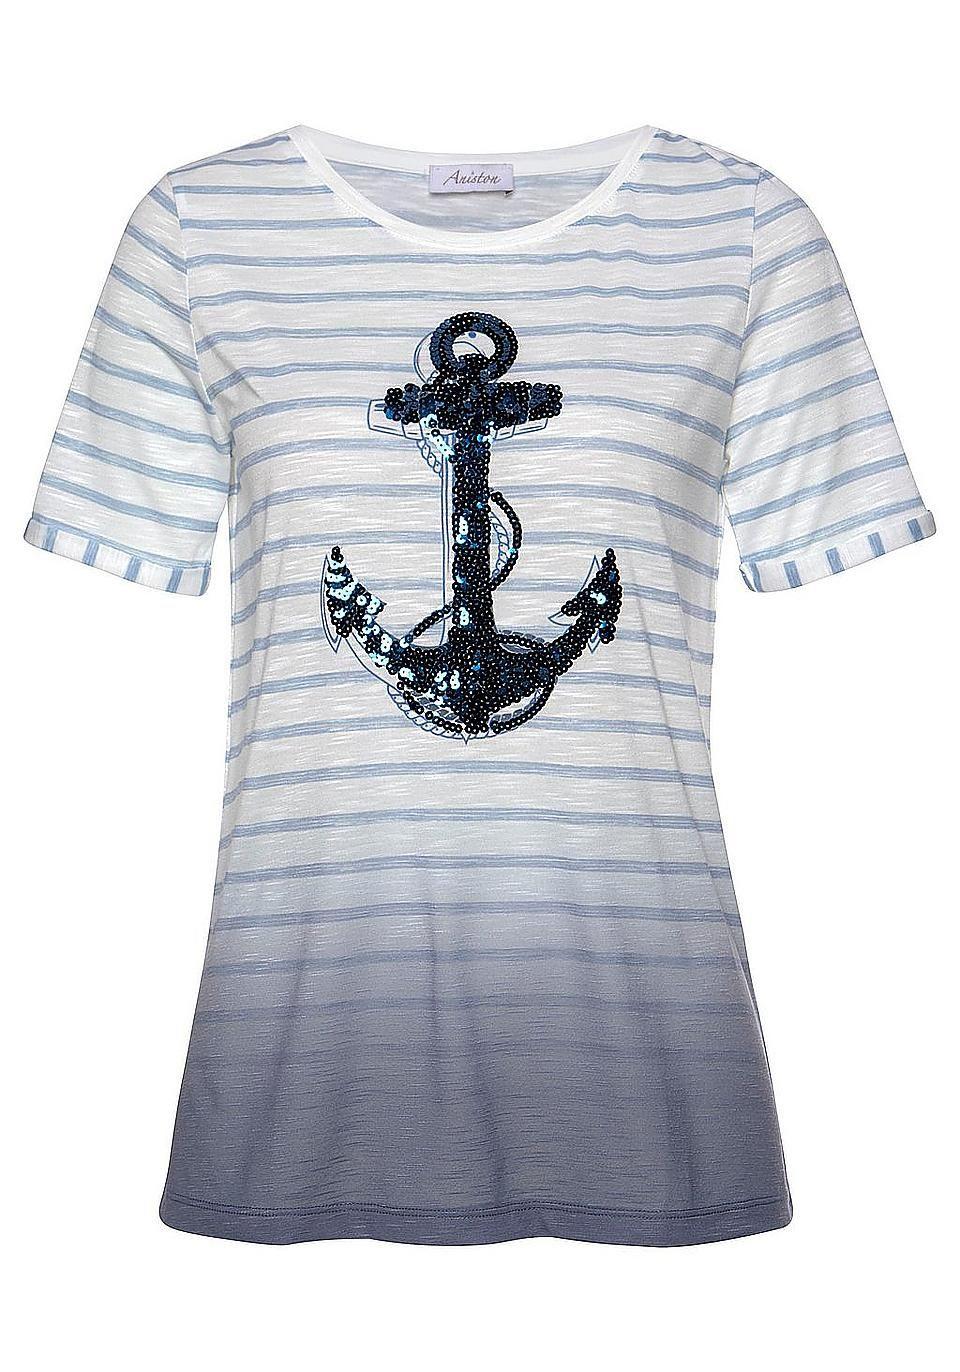 Aniston CASUAL T Shirt mit fixiertem Umschlag online kaufen